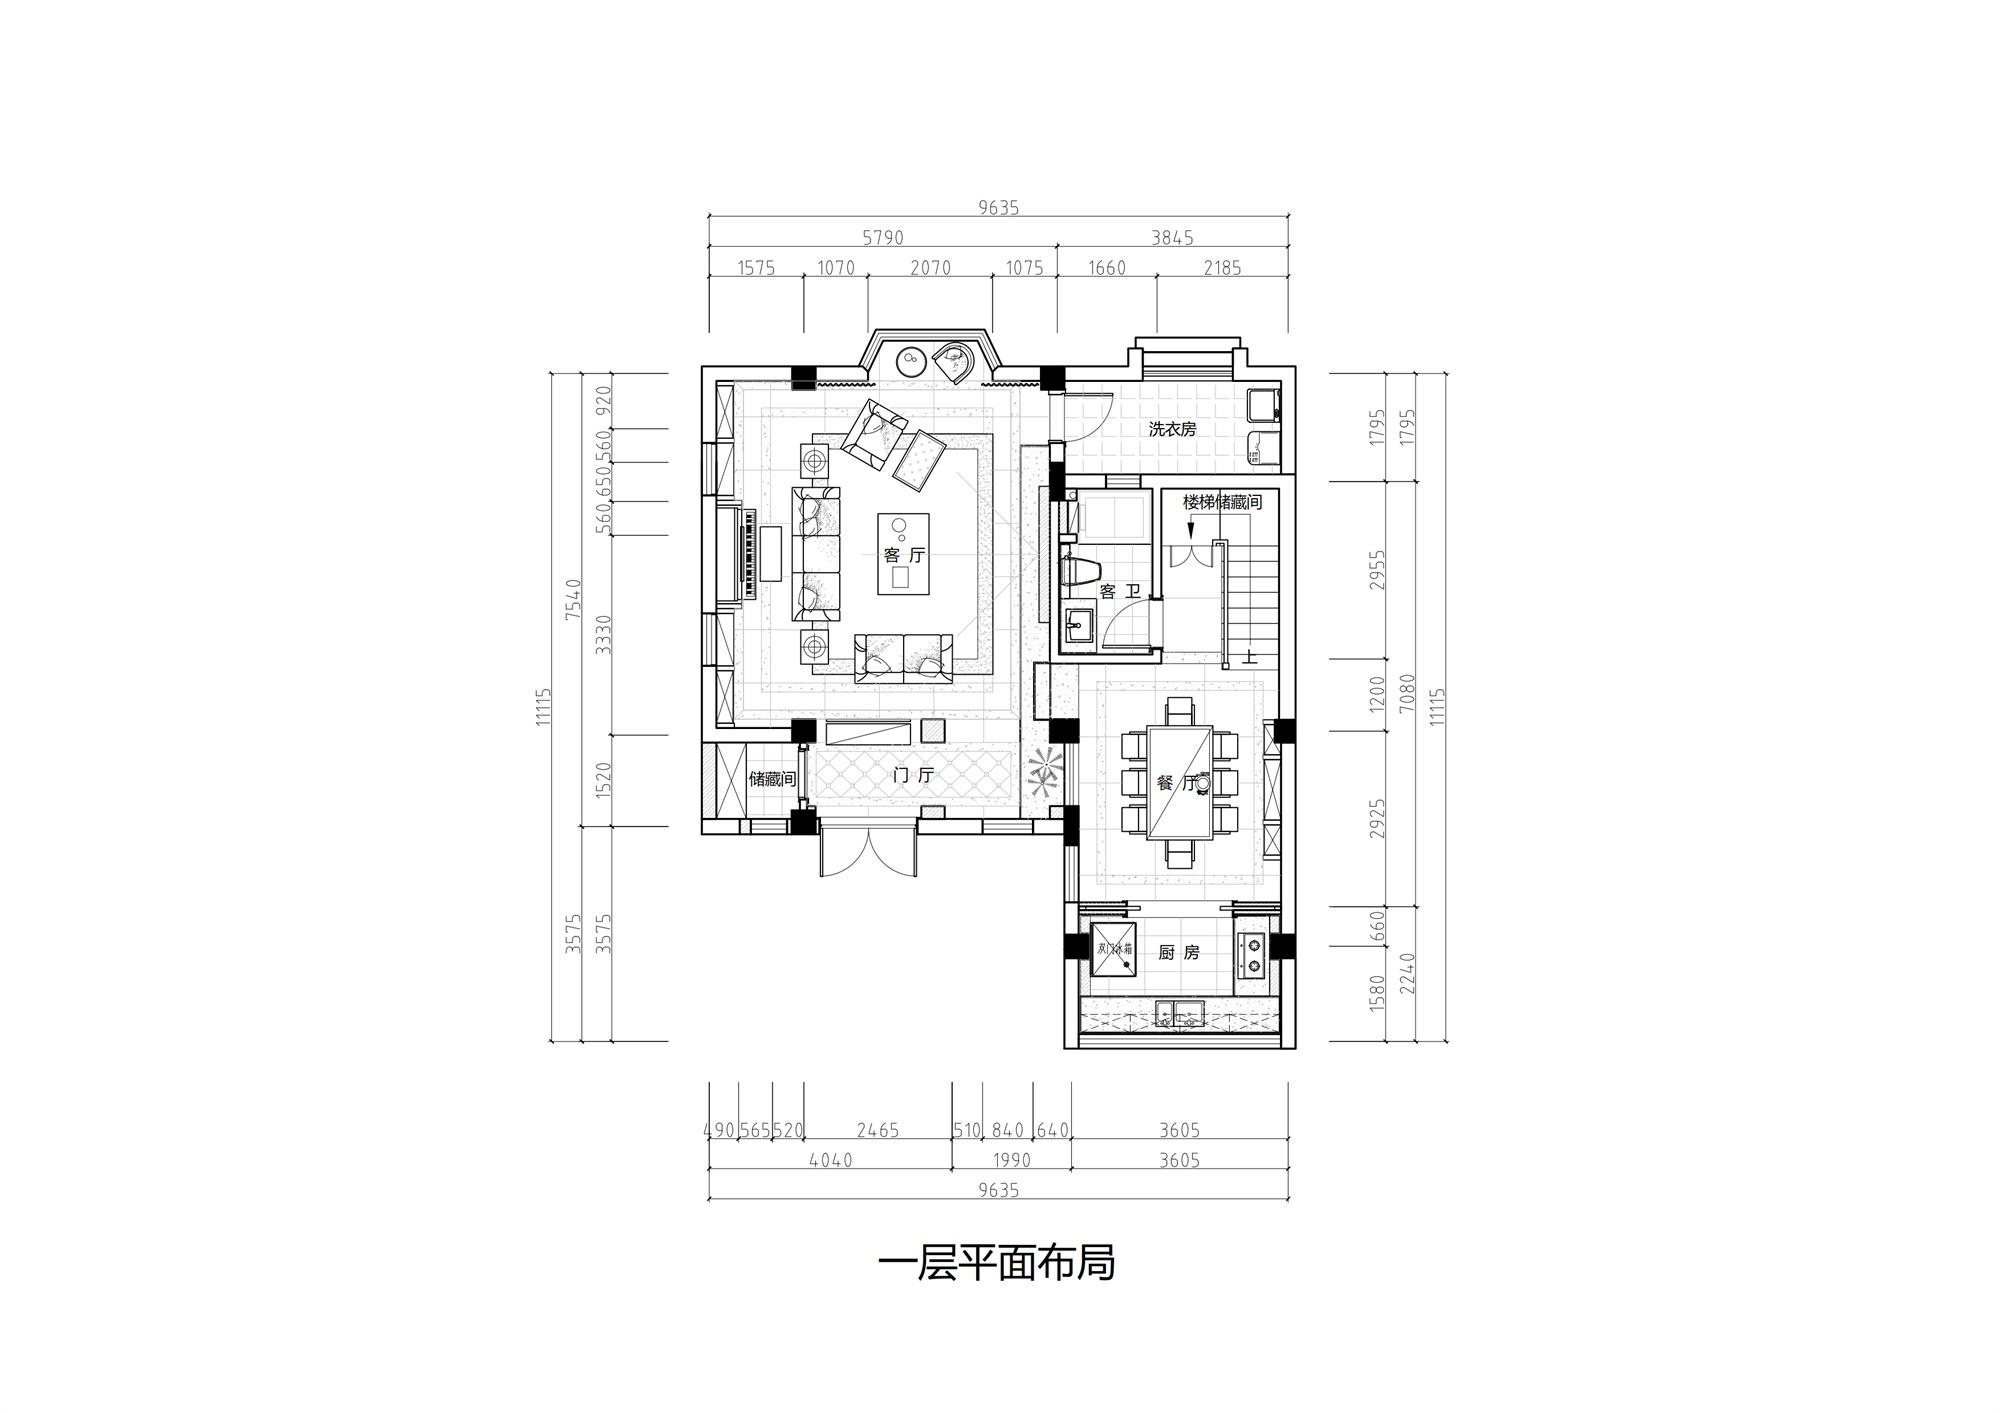 云龙轩280㎡北美风格装修设计理念